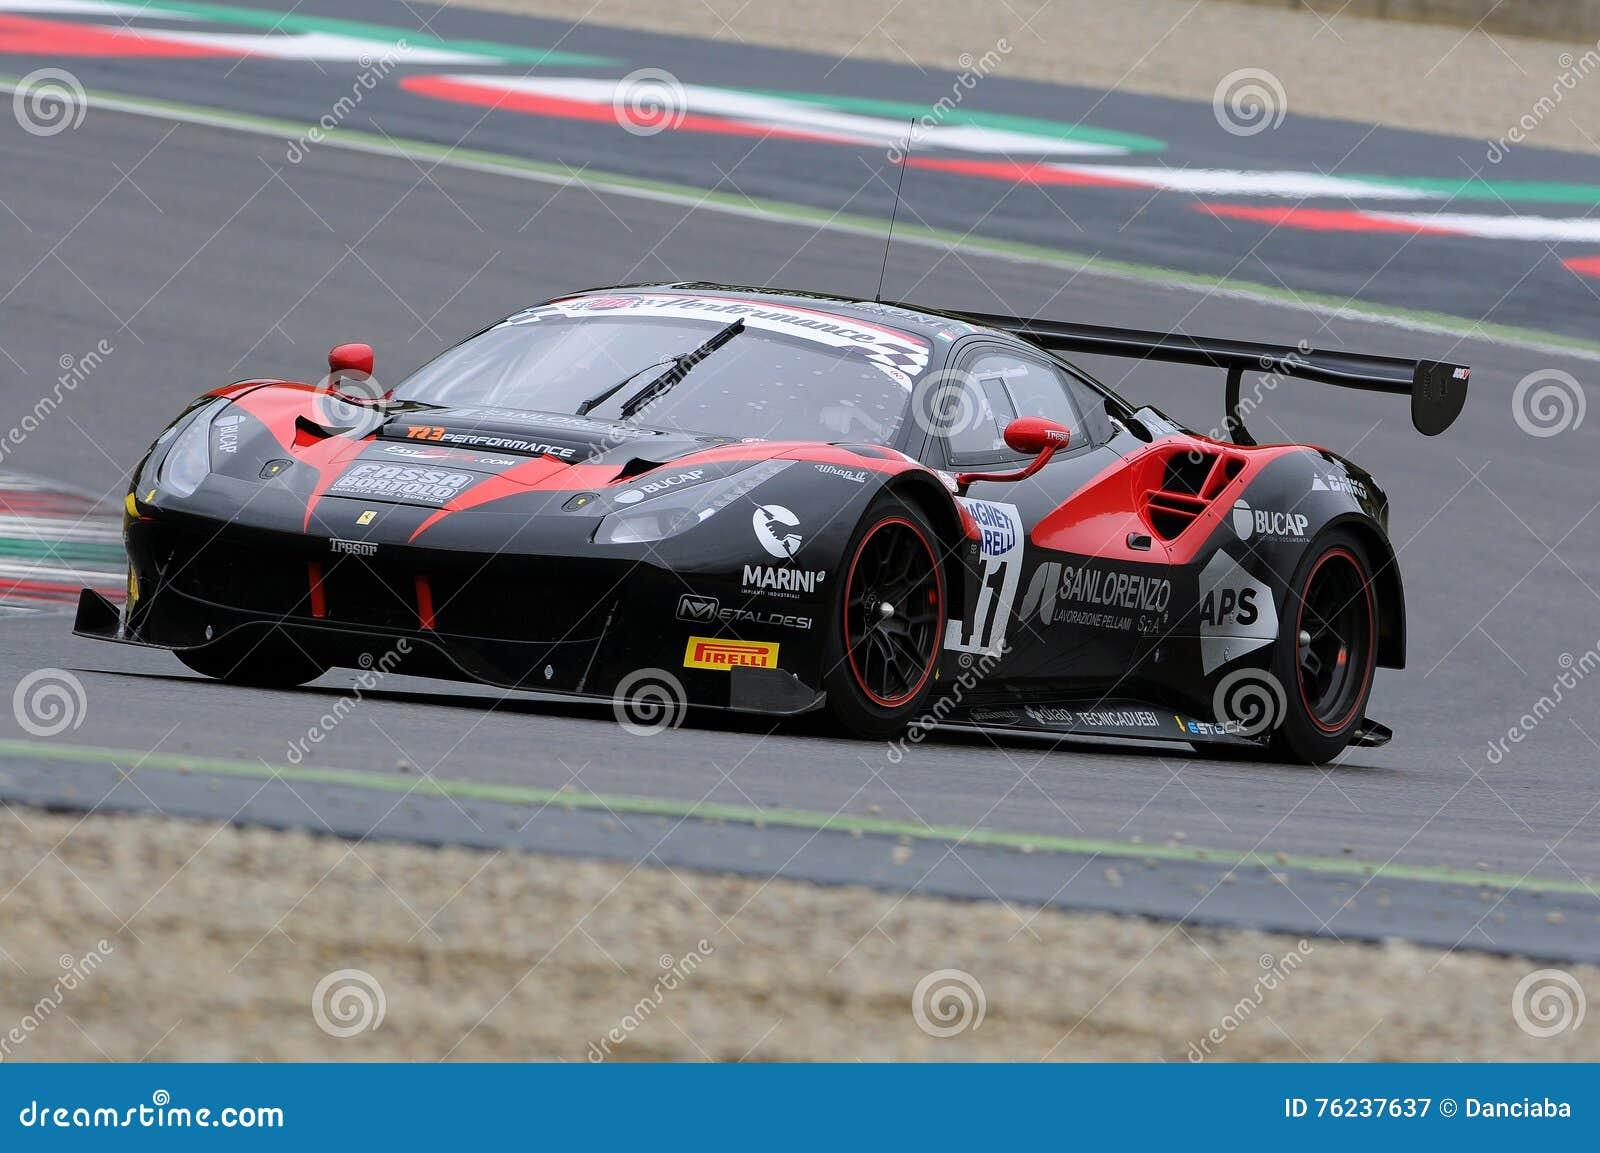 Circuito Del Mugello : Circuito di mugello italia 17 luglio 2016: ferrari 488 gt3 del